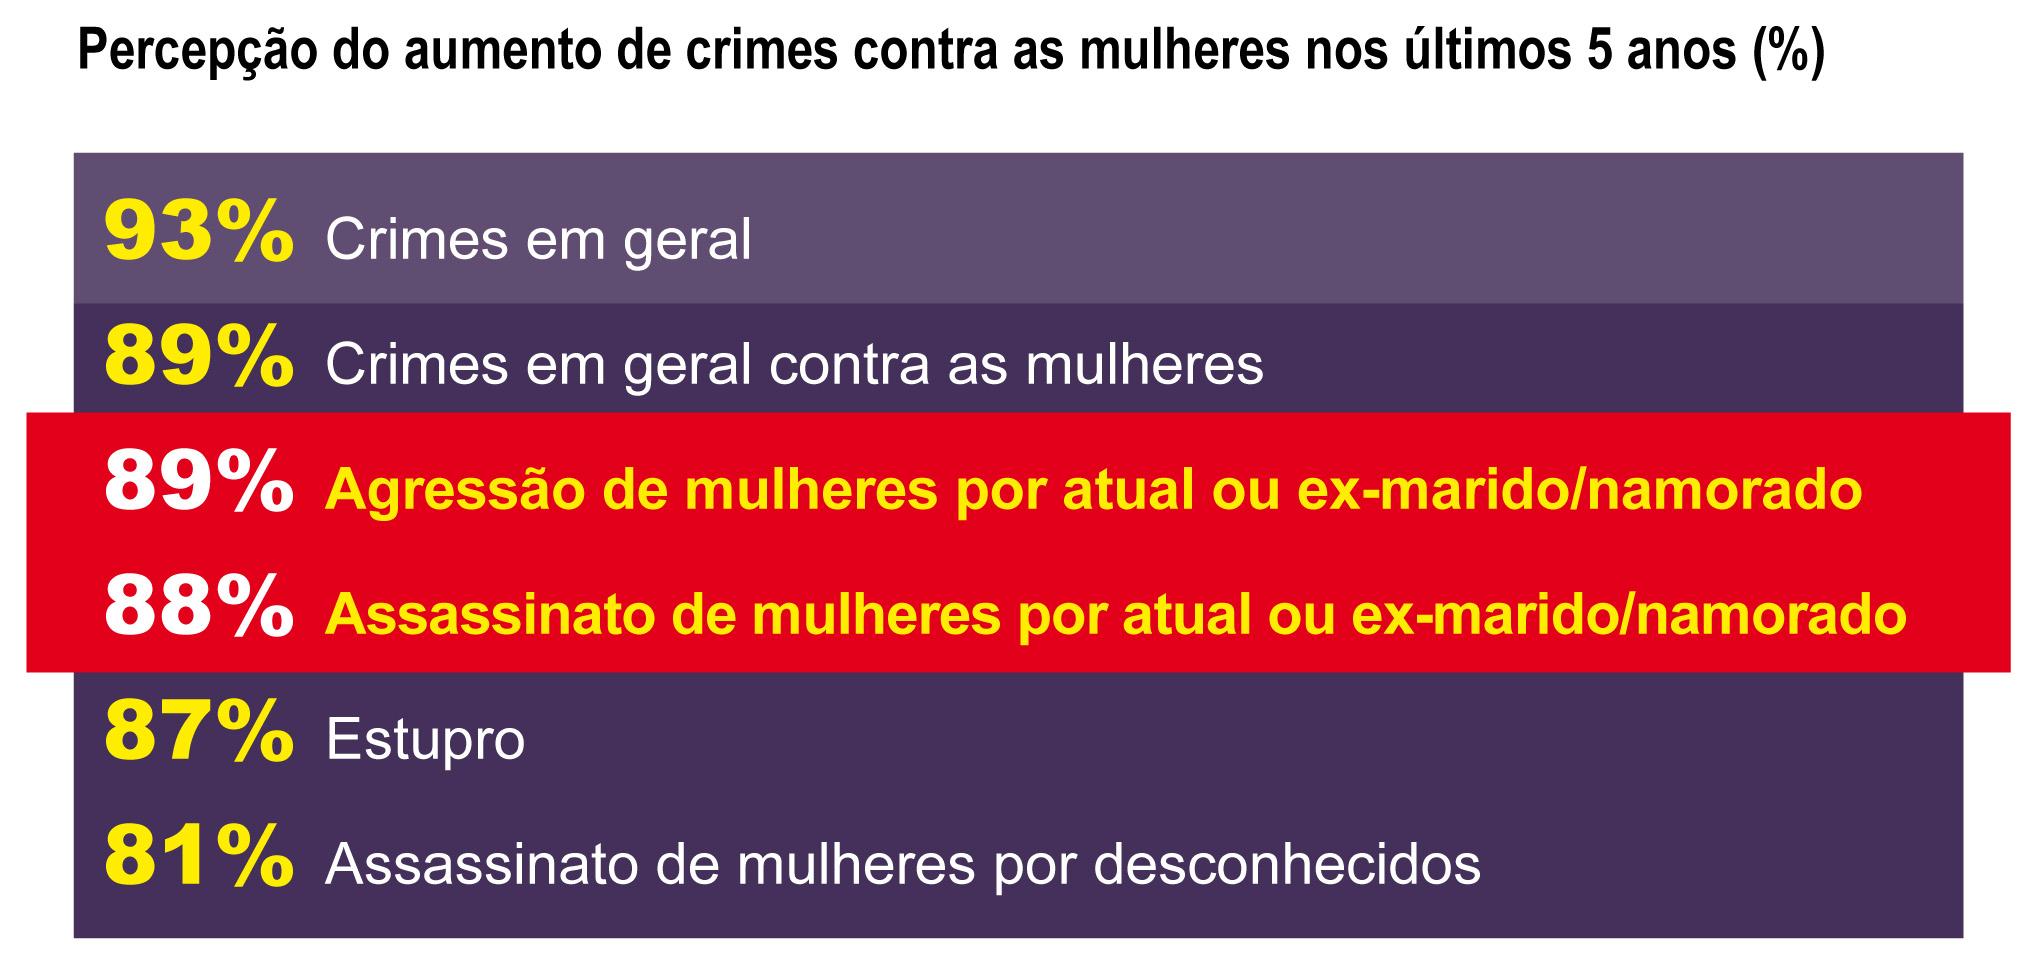 Percepção da sociedade sobre violência e assassinatos de mulheres (Data Popular/Instituto Patrícia Galvão, 2013)